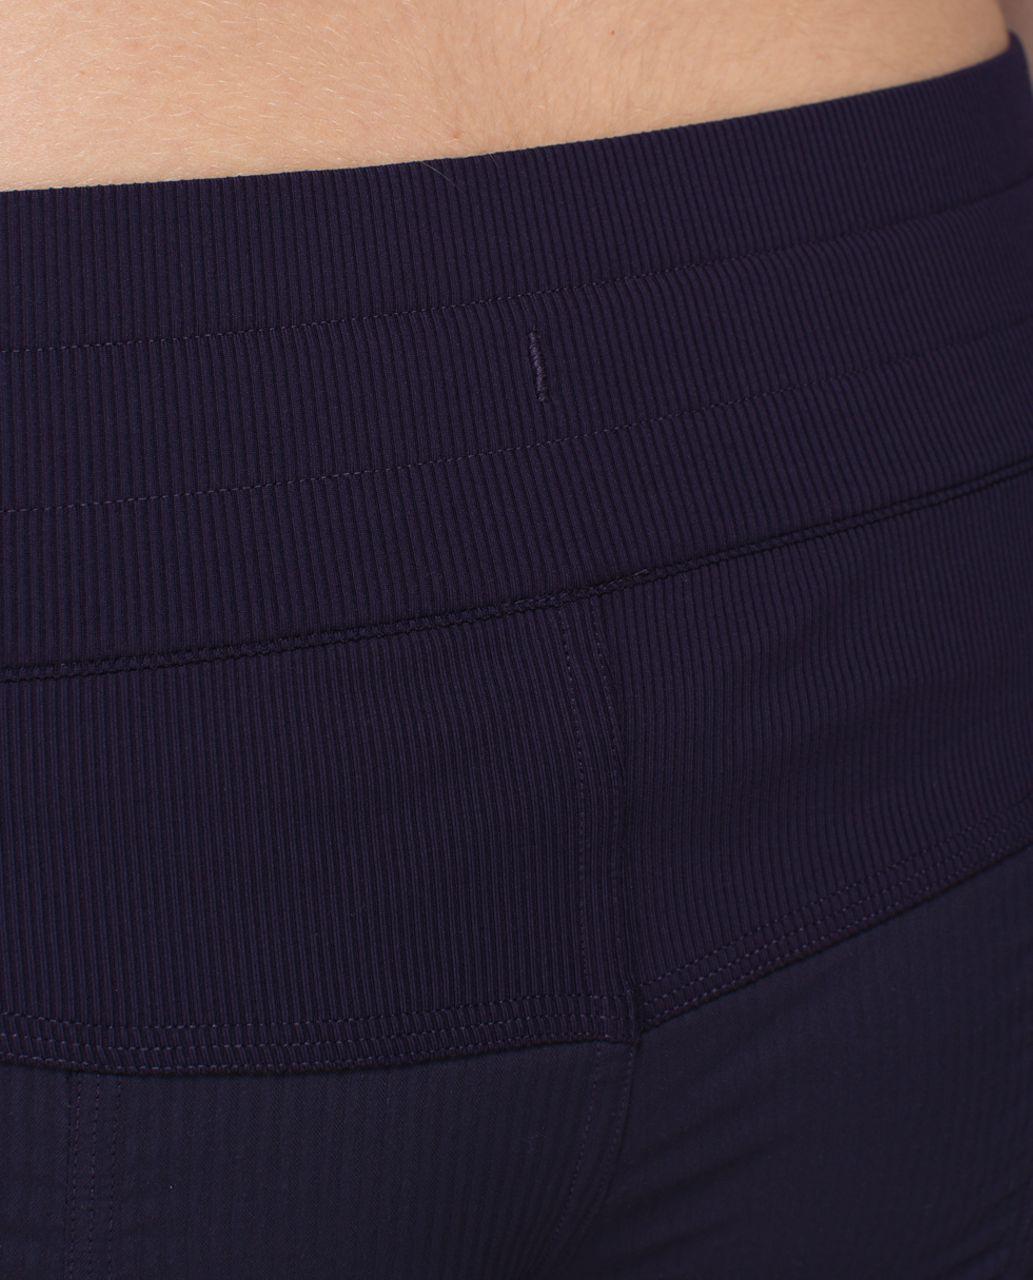 Lululemon Studio Pant II *Unlined (Regular) - Black Grape